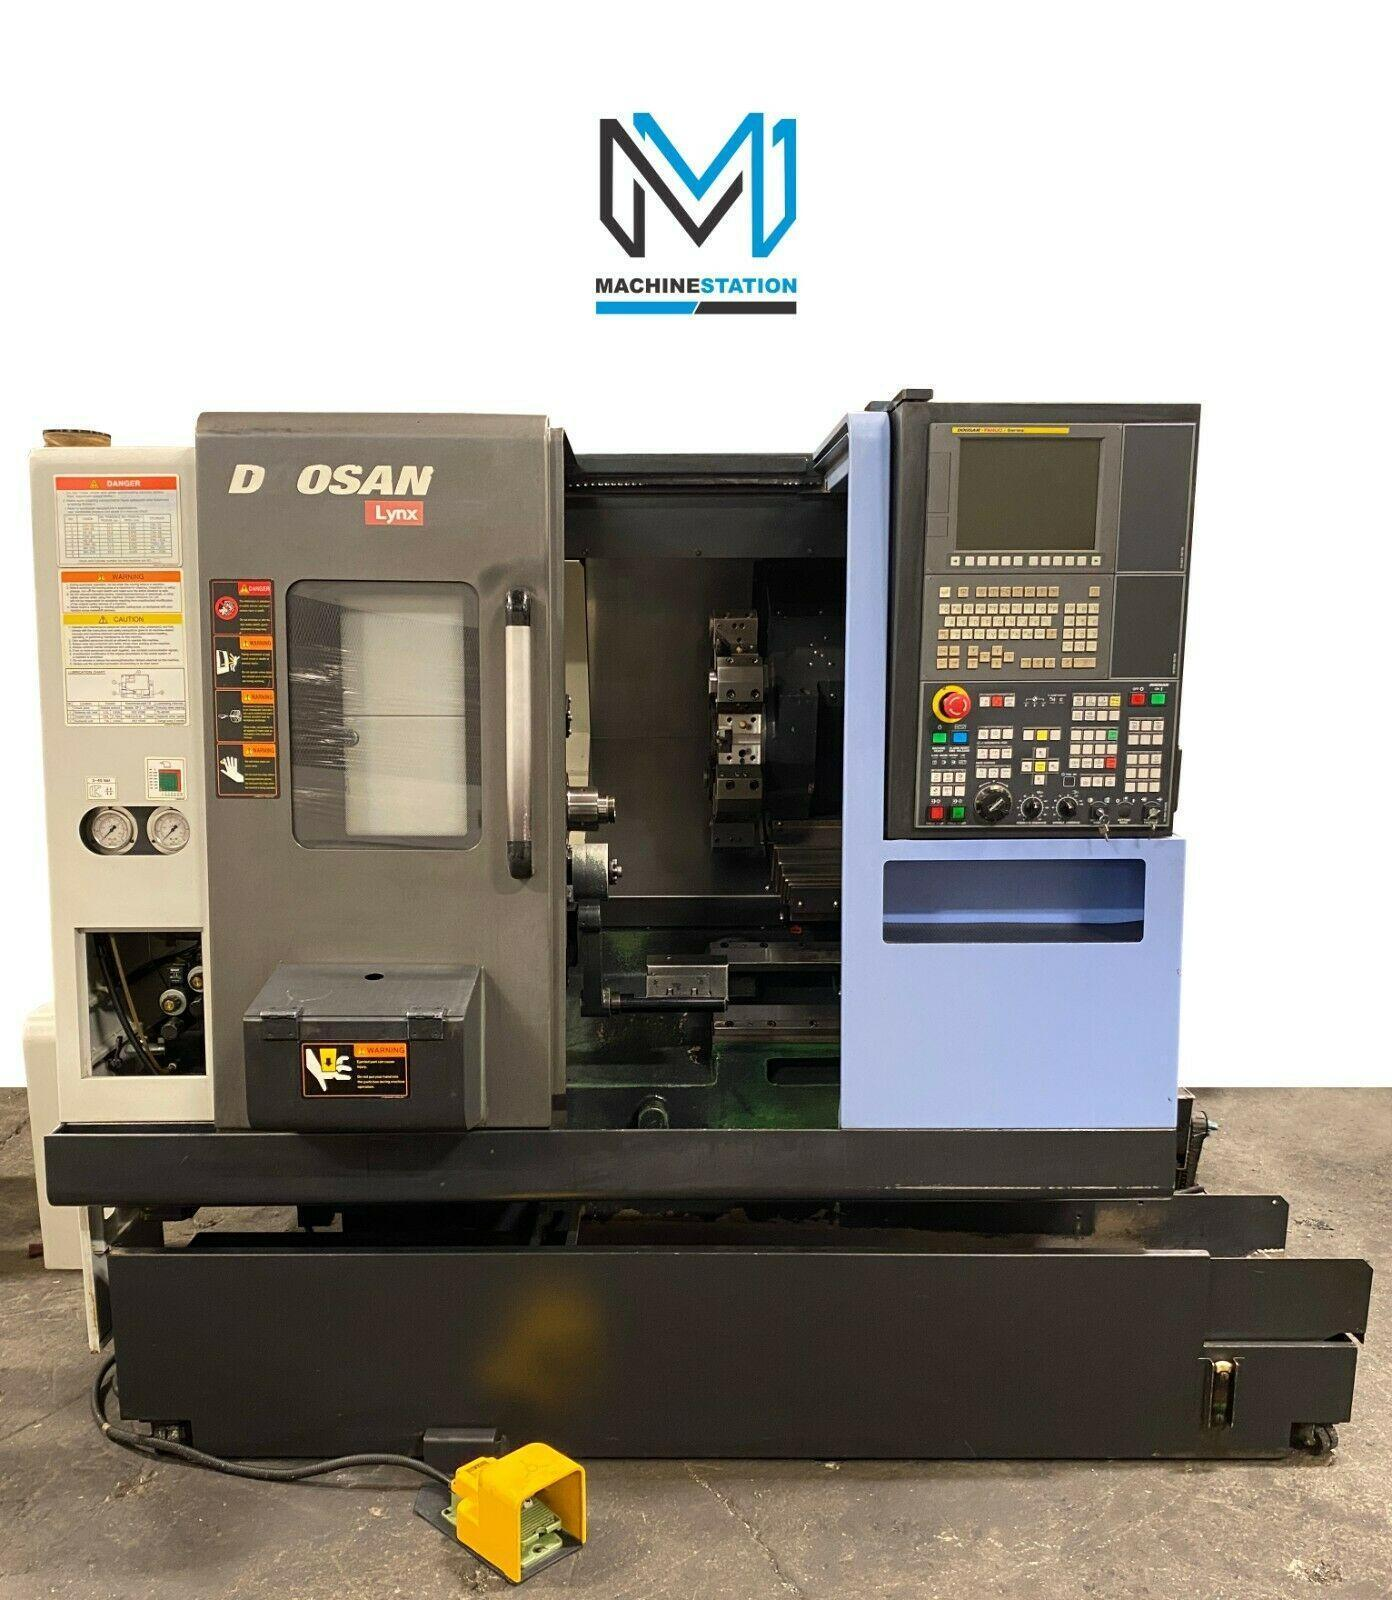 DOOSAN LYNX 220 CNC TURNING CENTER